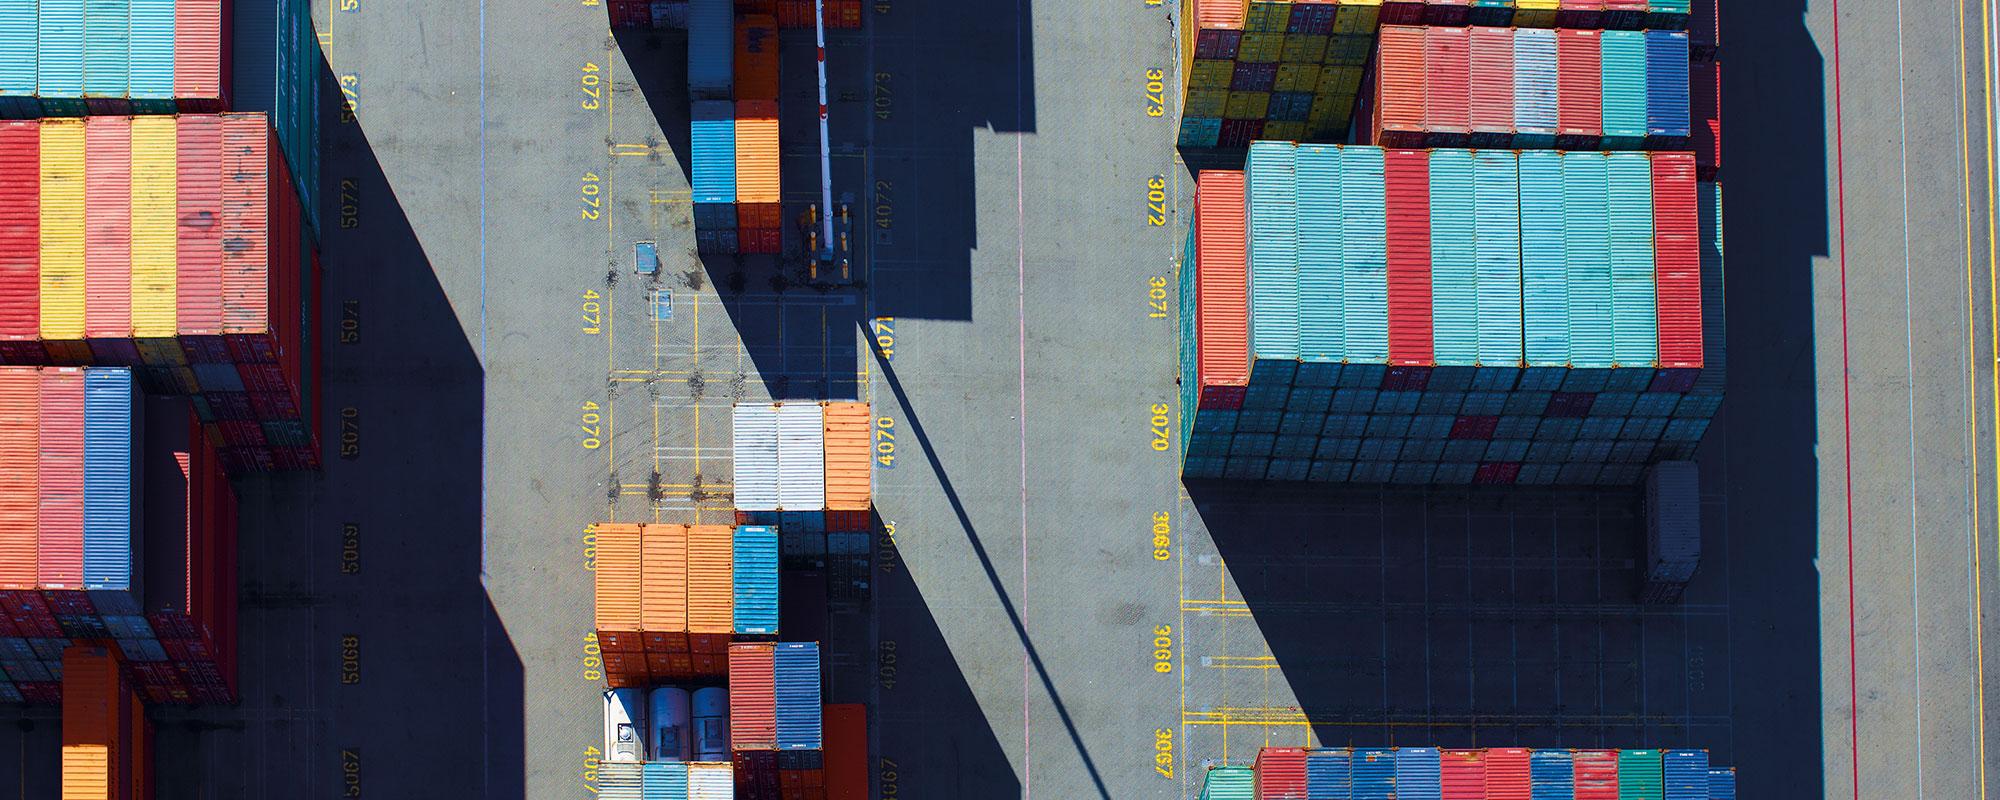 Geen enkele container wordt onbenut dankzij de ReUse app van Avantida.